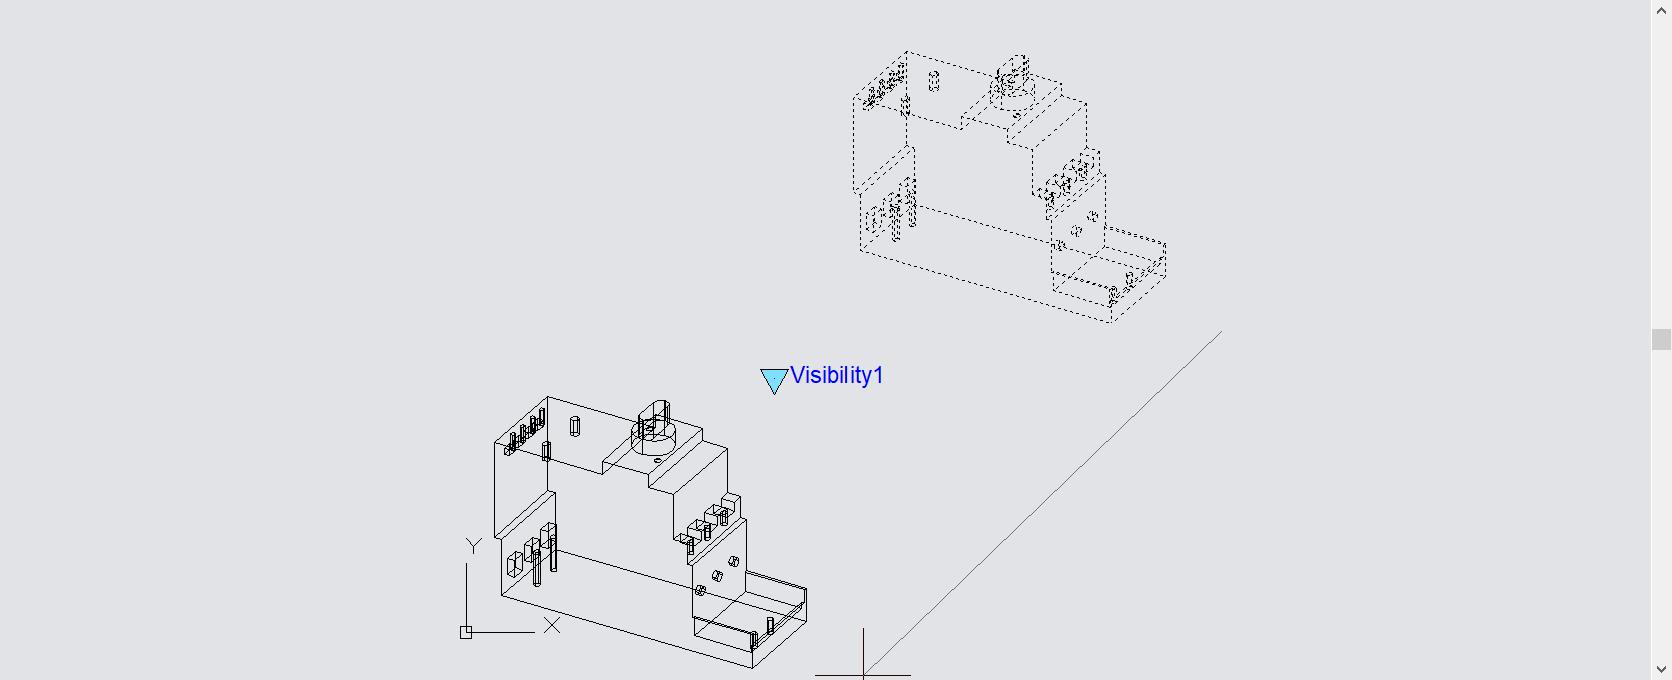 เลือกทุก View แล้วย้ายวัตถุมาตรงตำแหน่งเดียวกัน เพื่อให้คำสั่ง Visibility